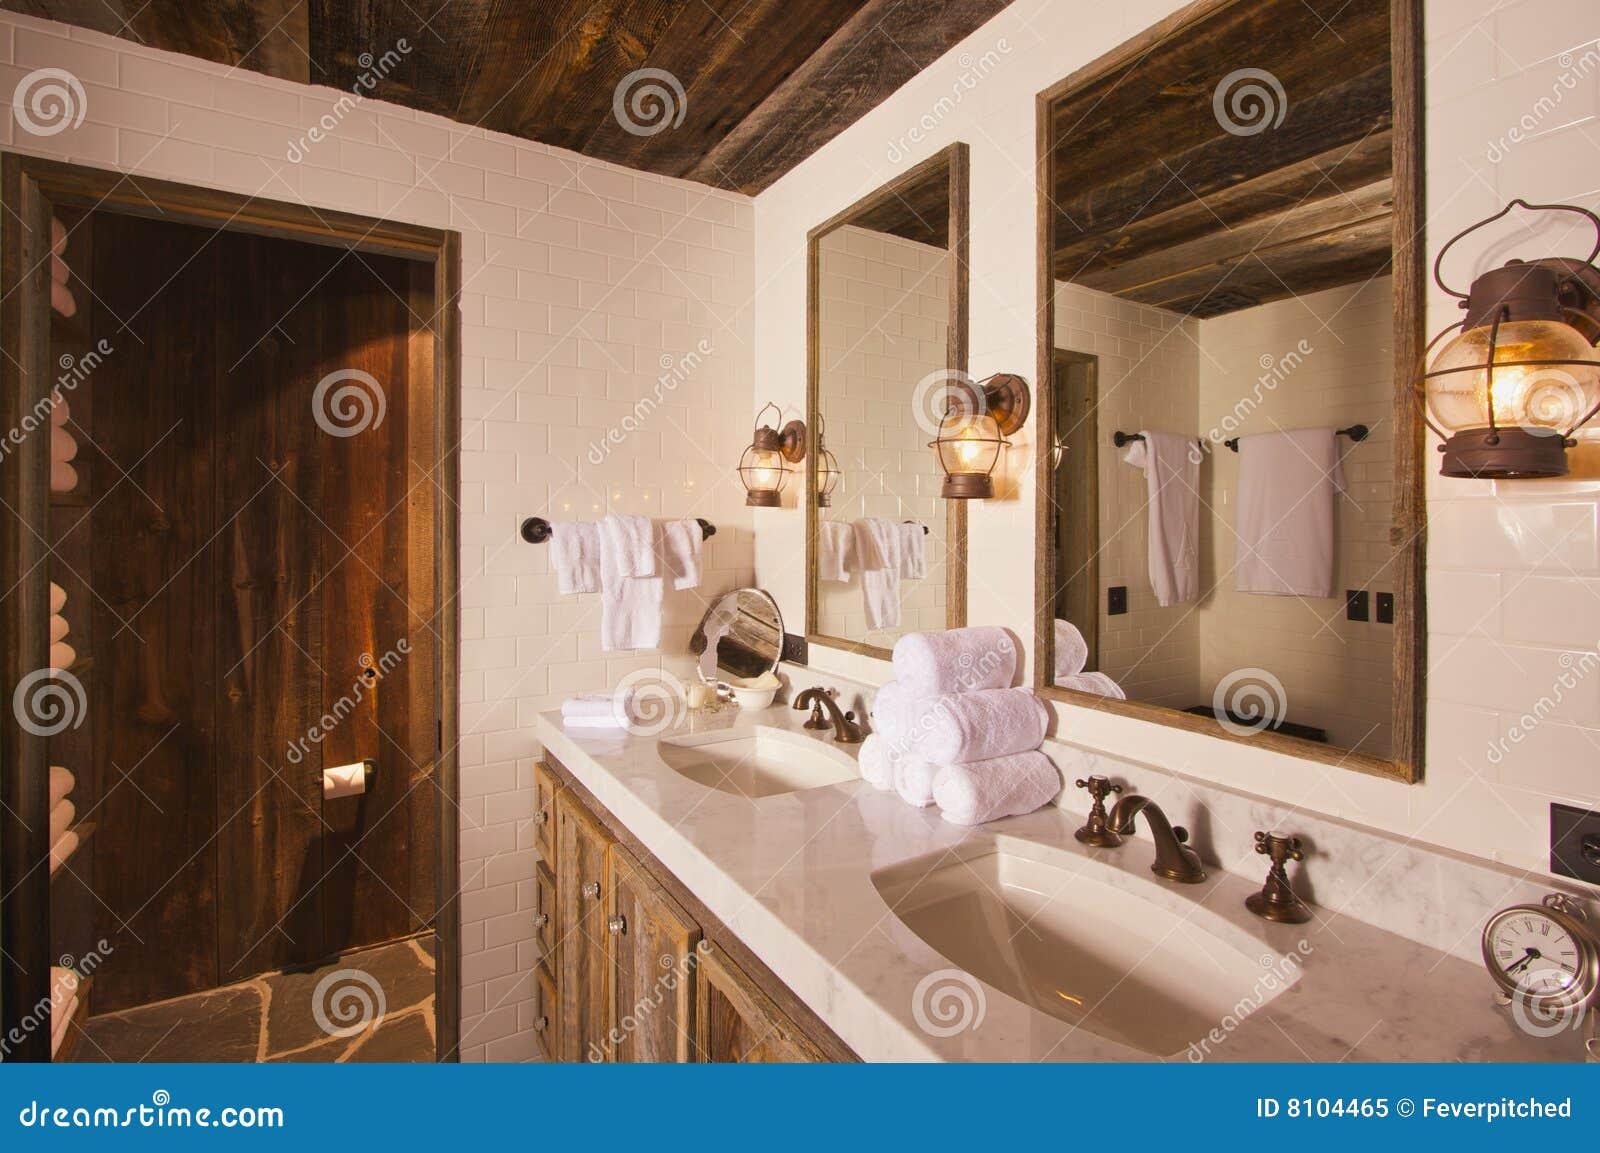 Lampara Baño Rustico:Cuarto De Baño Rústico Foto de archivo libre de regalías – Imagen